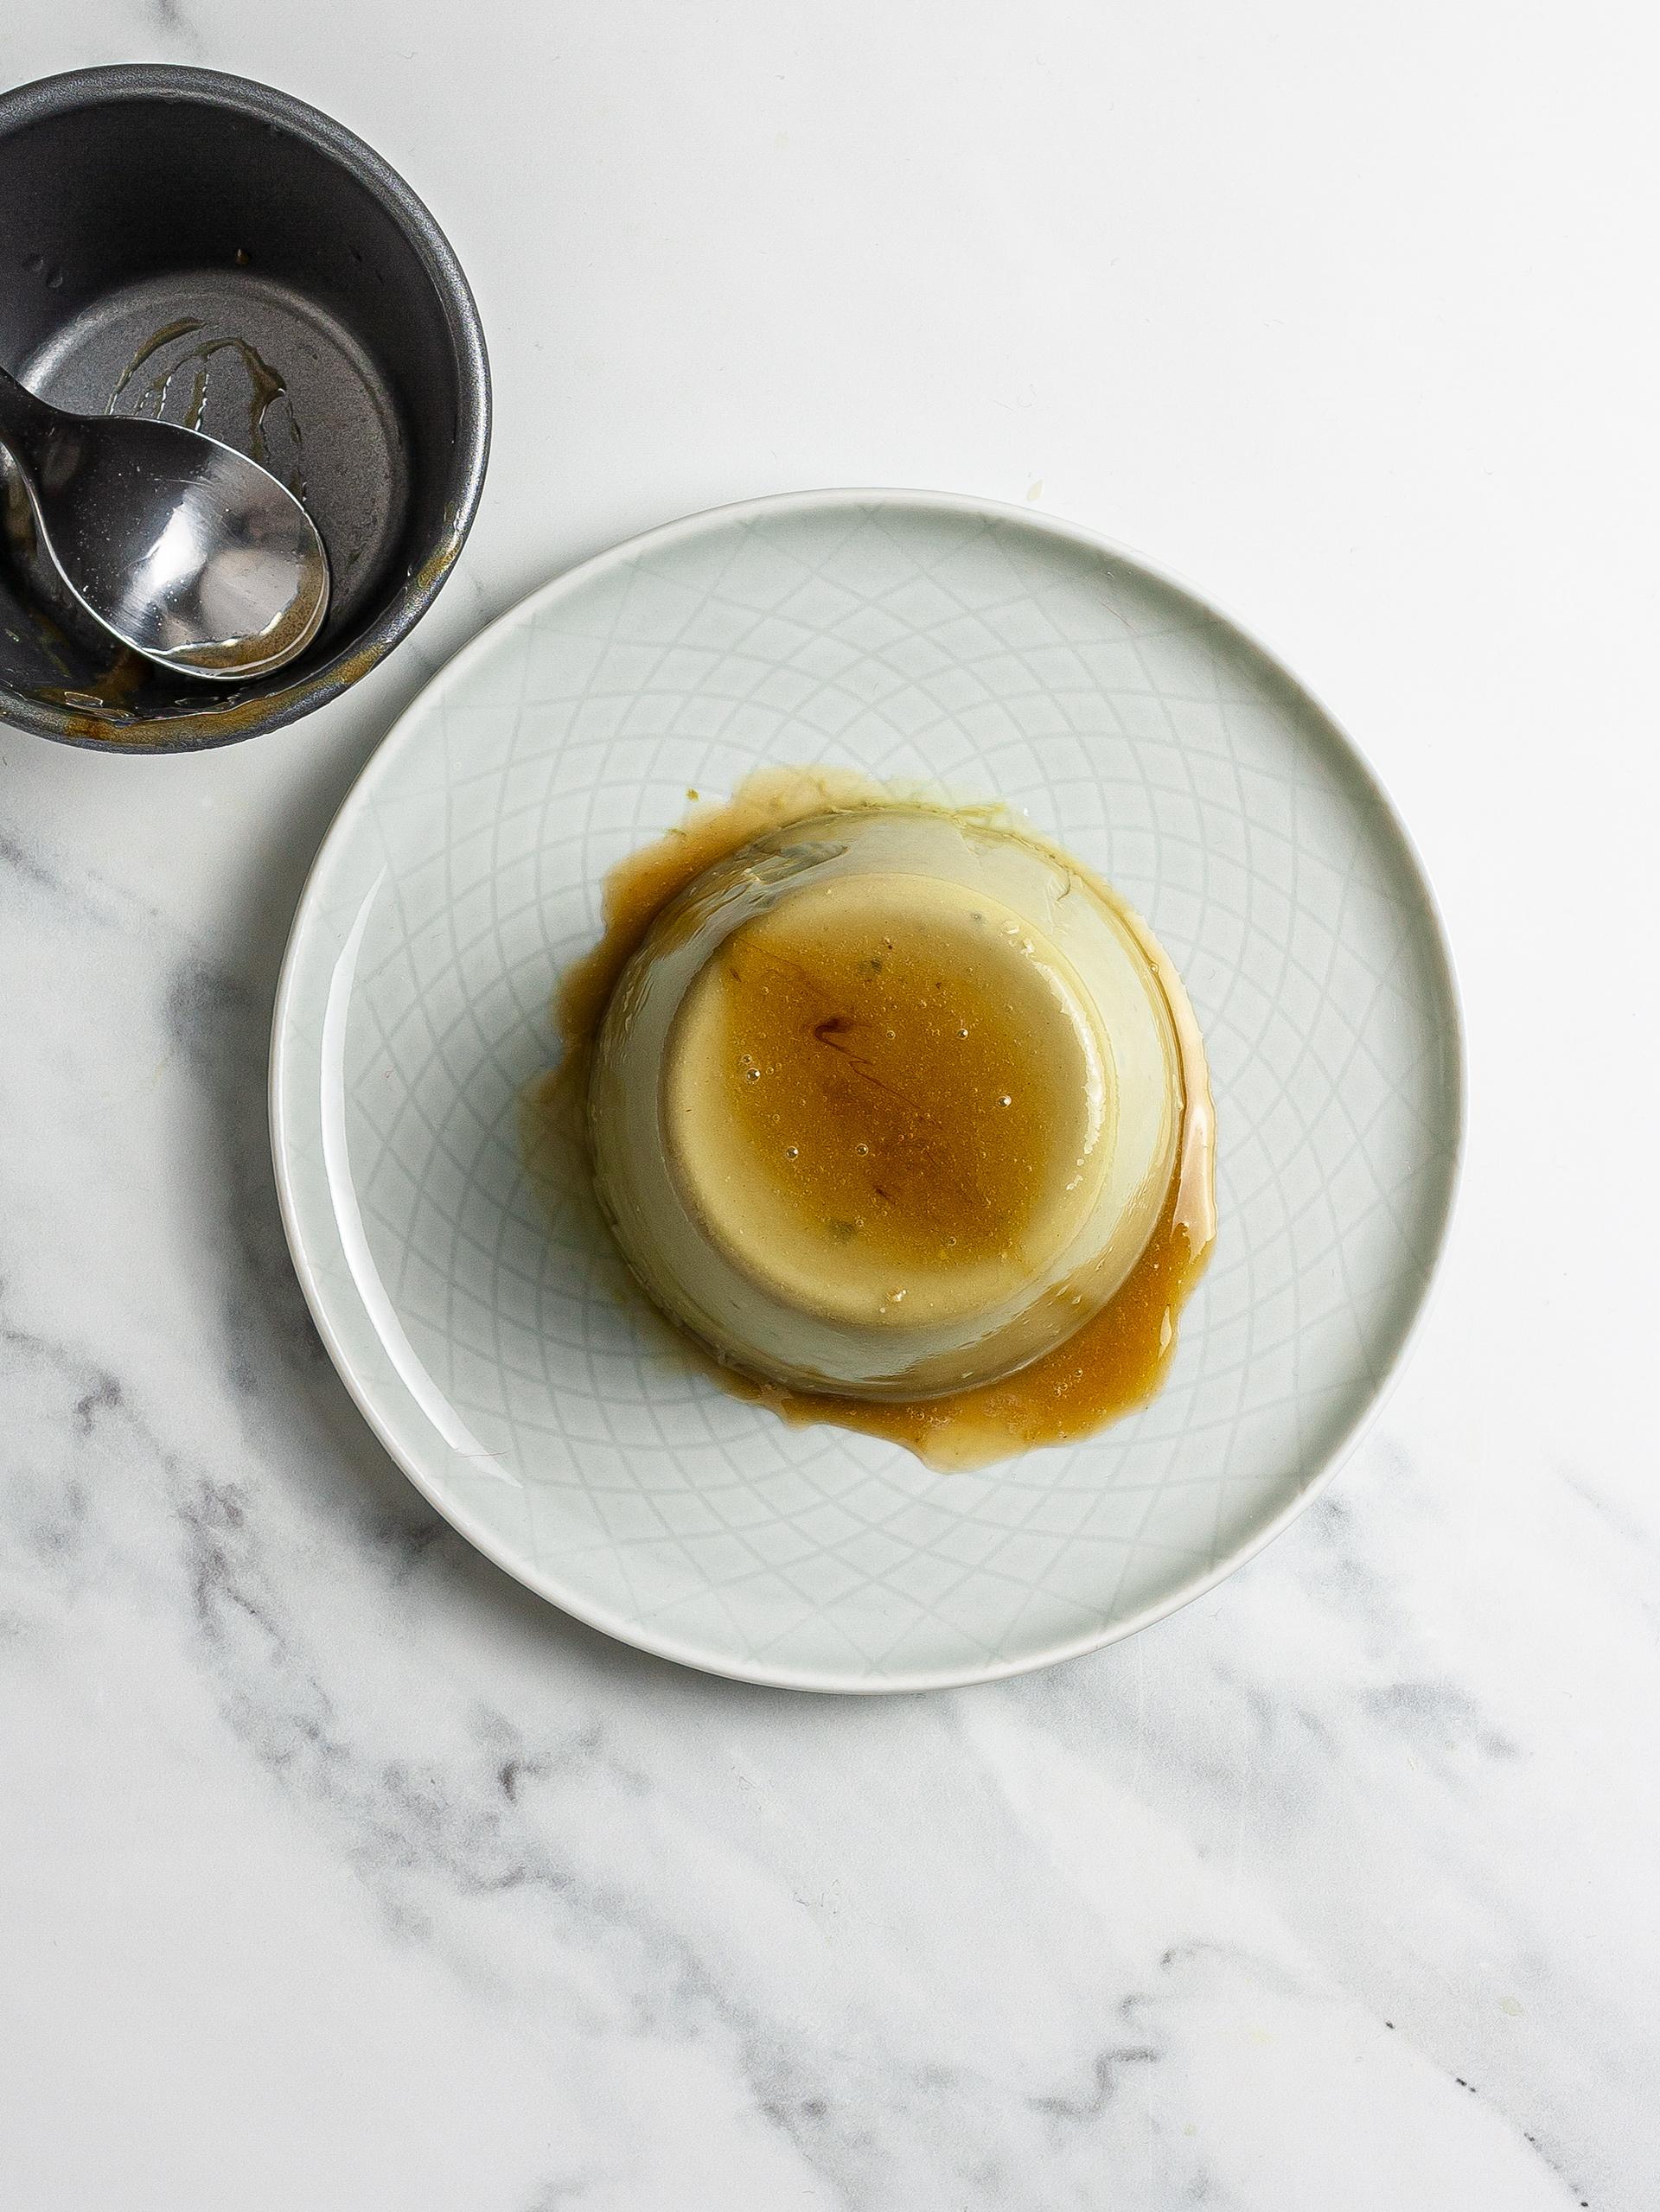 Matcha flan flipped on a plate